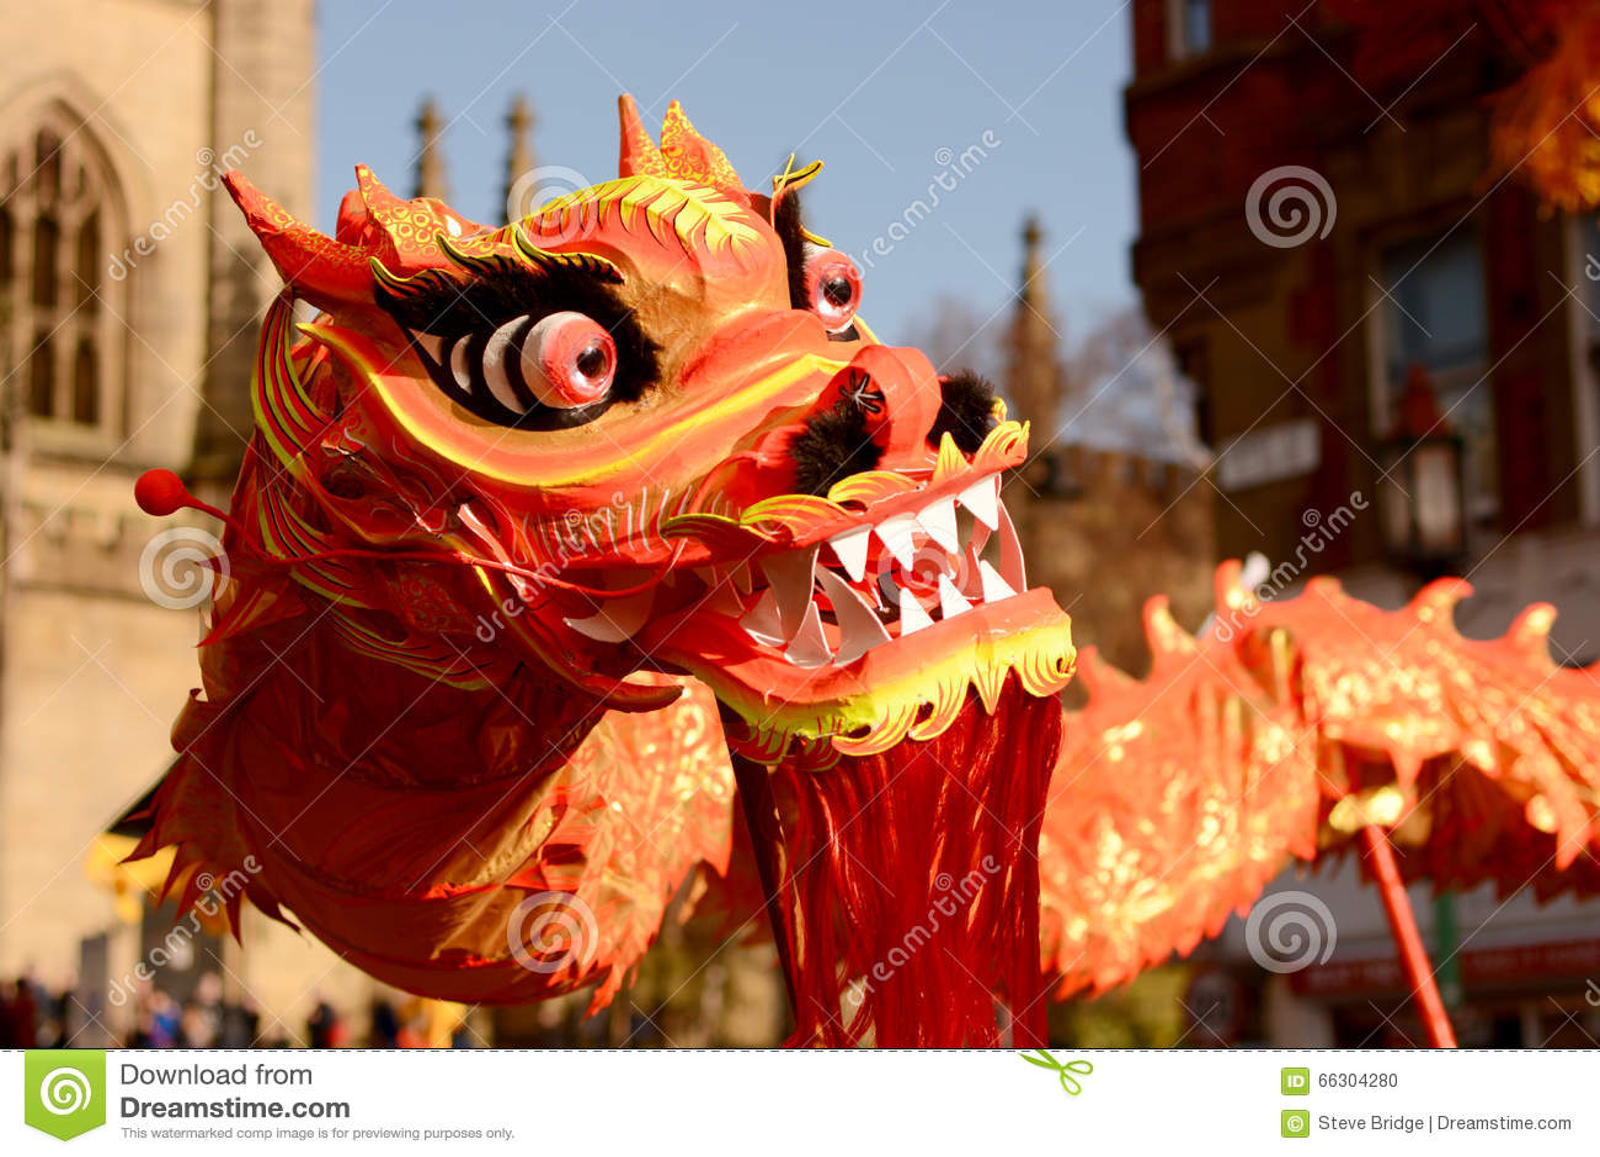 Liverpool-Chinesisches Neujahrsfest - Betreten Sie Den Drachen ...